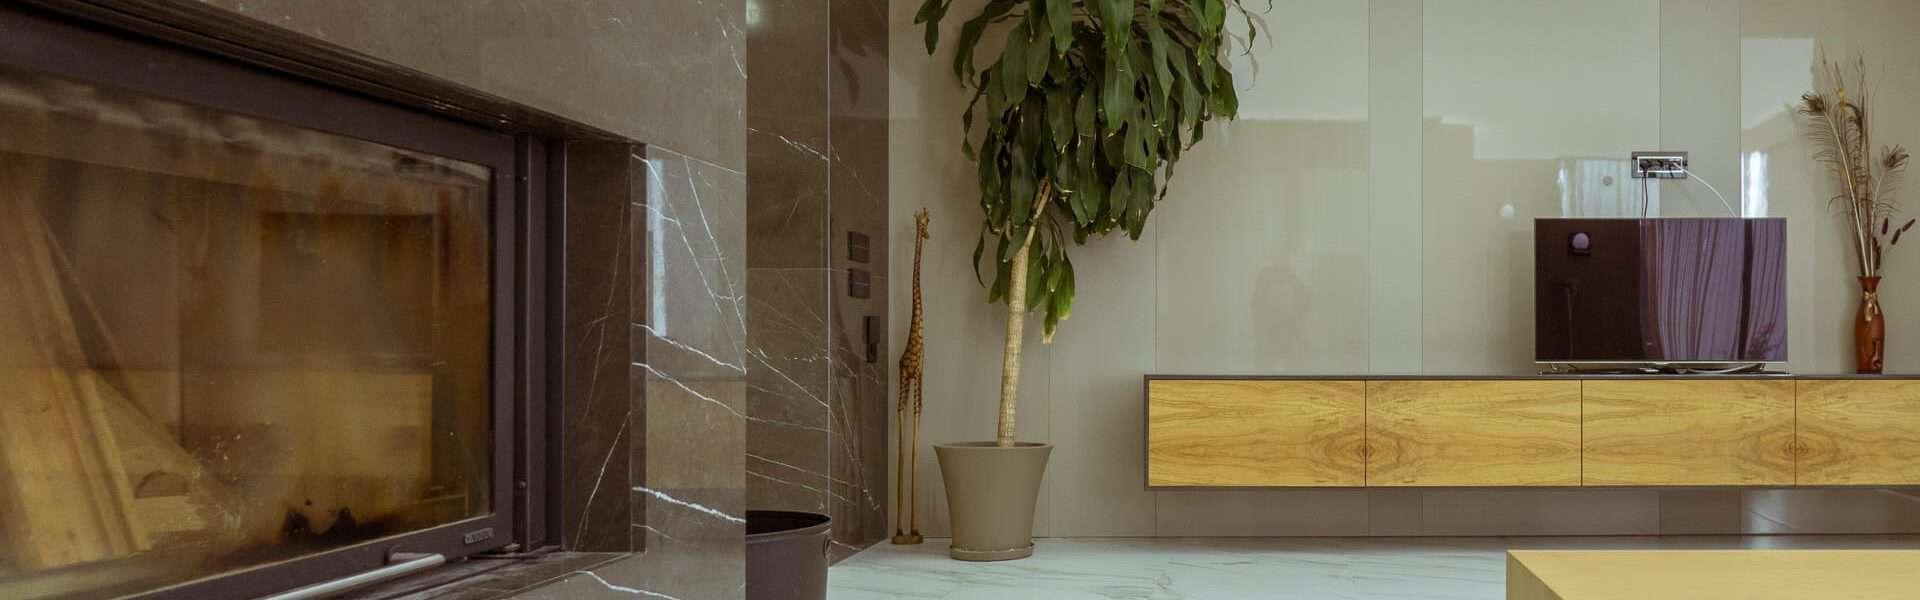 модерен хол интериорна фотография